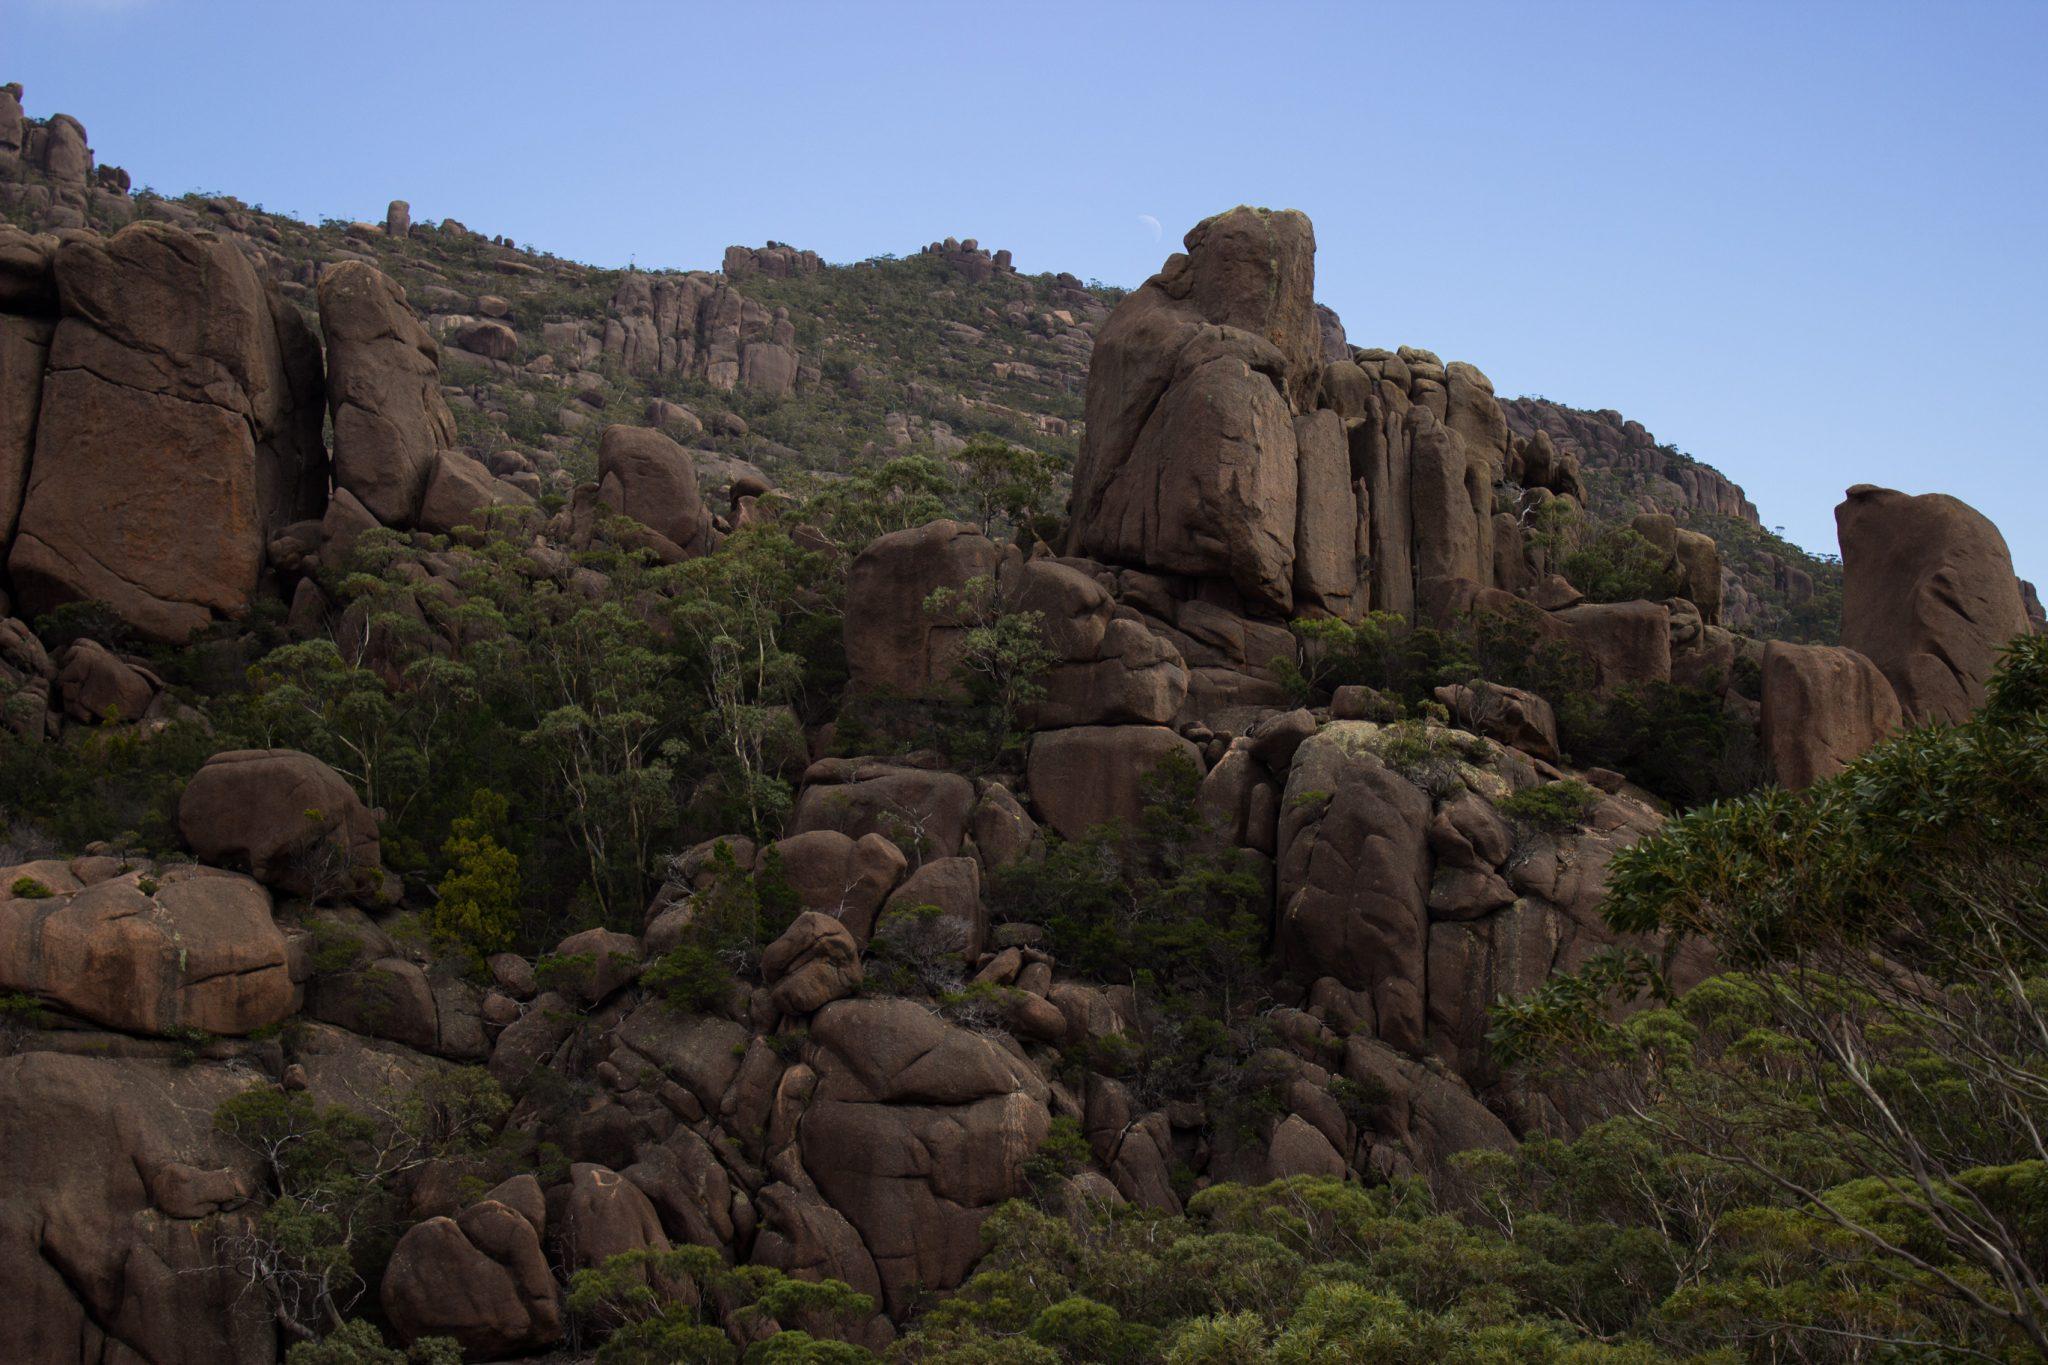 traumhafter Freycinet Nationalpark in Tasmanien, riesige Steine, Klumpen übereinander